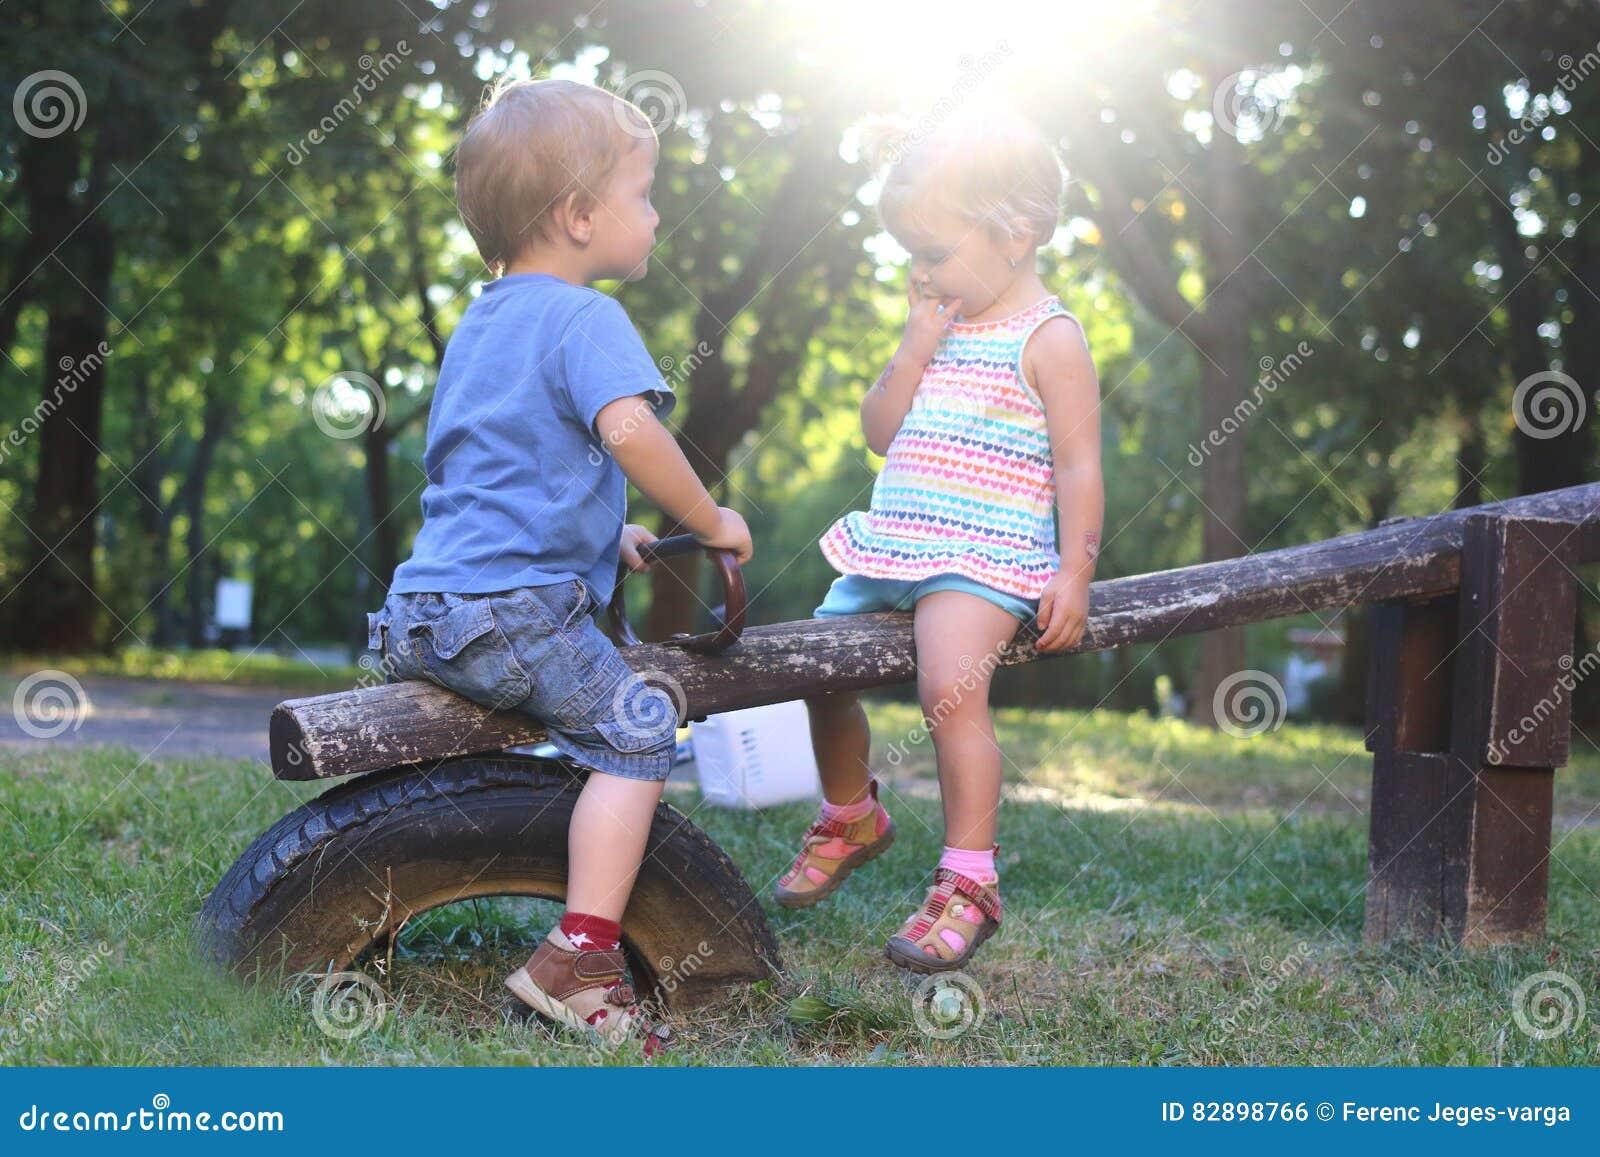 rencontre fille et garçon